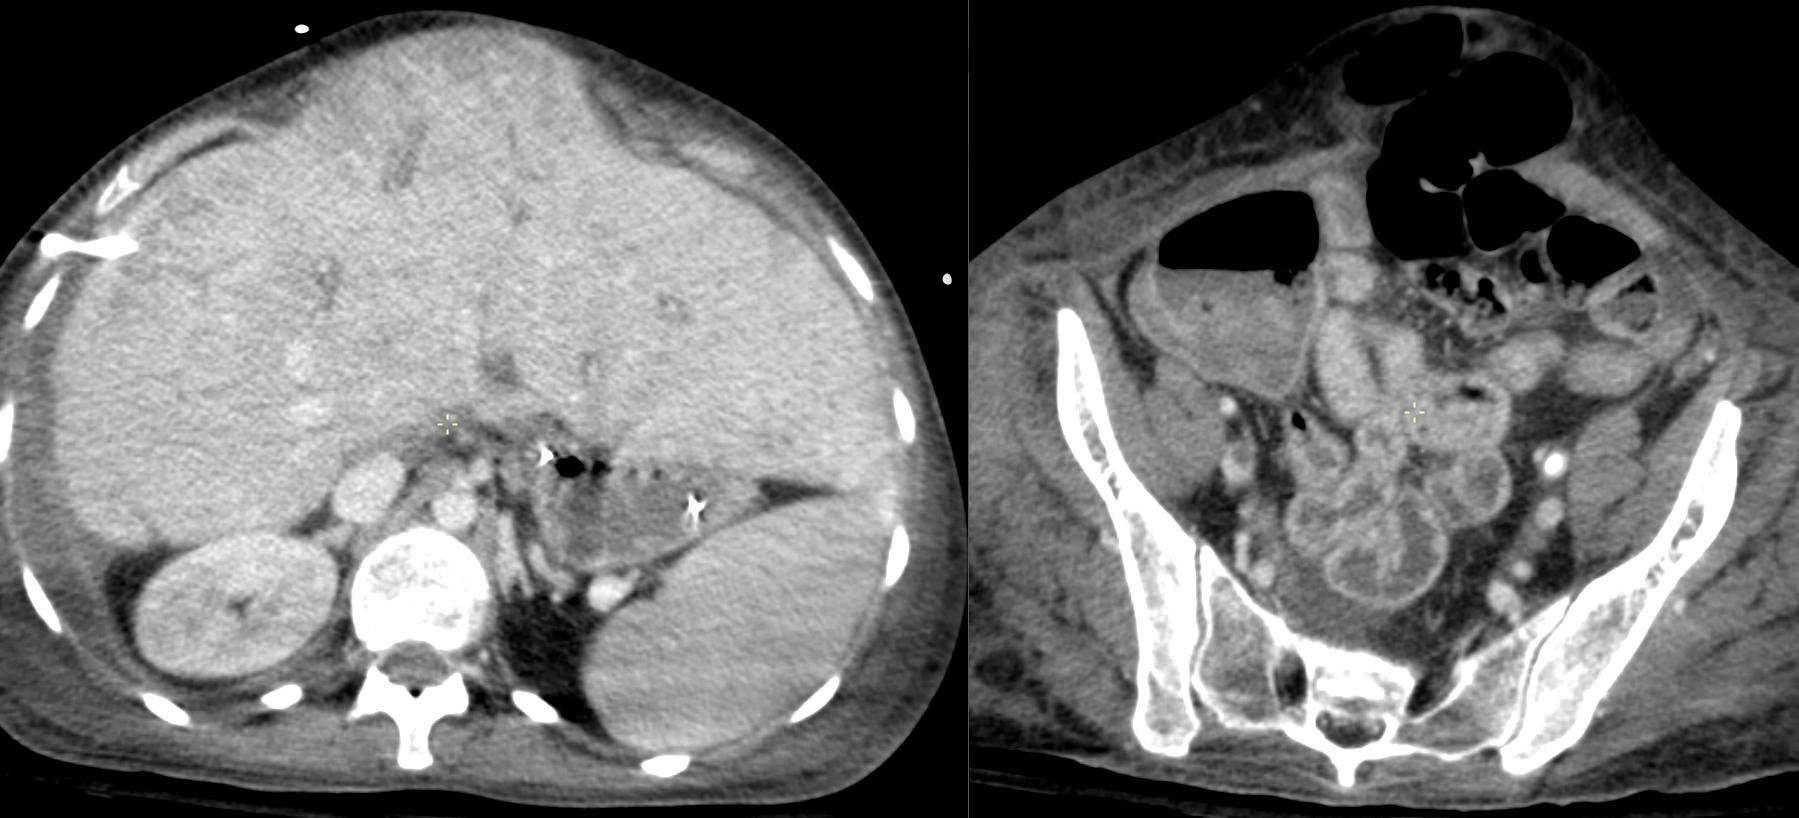 radiologie abdomen aigu